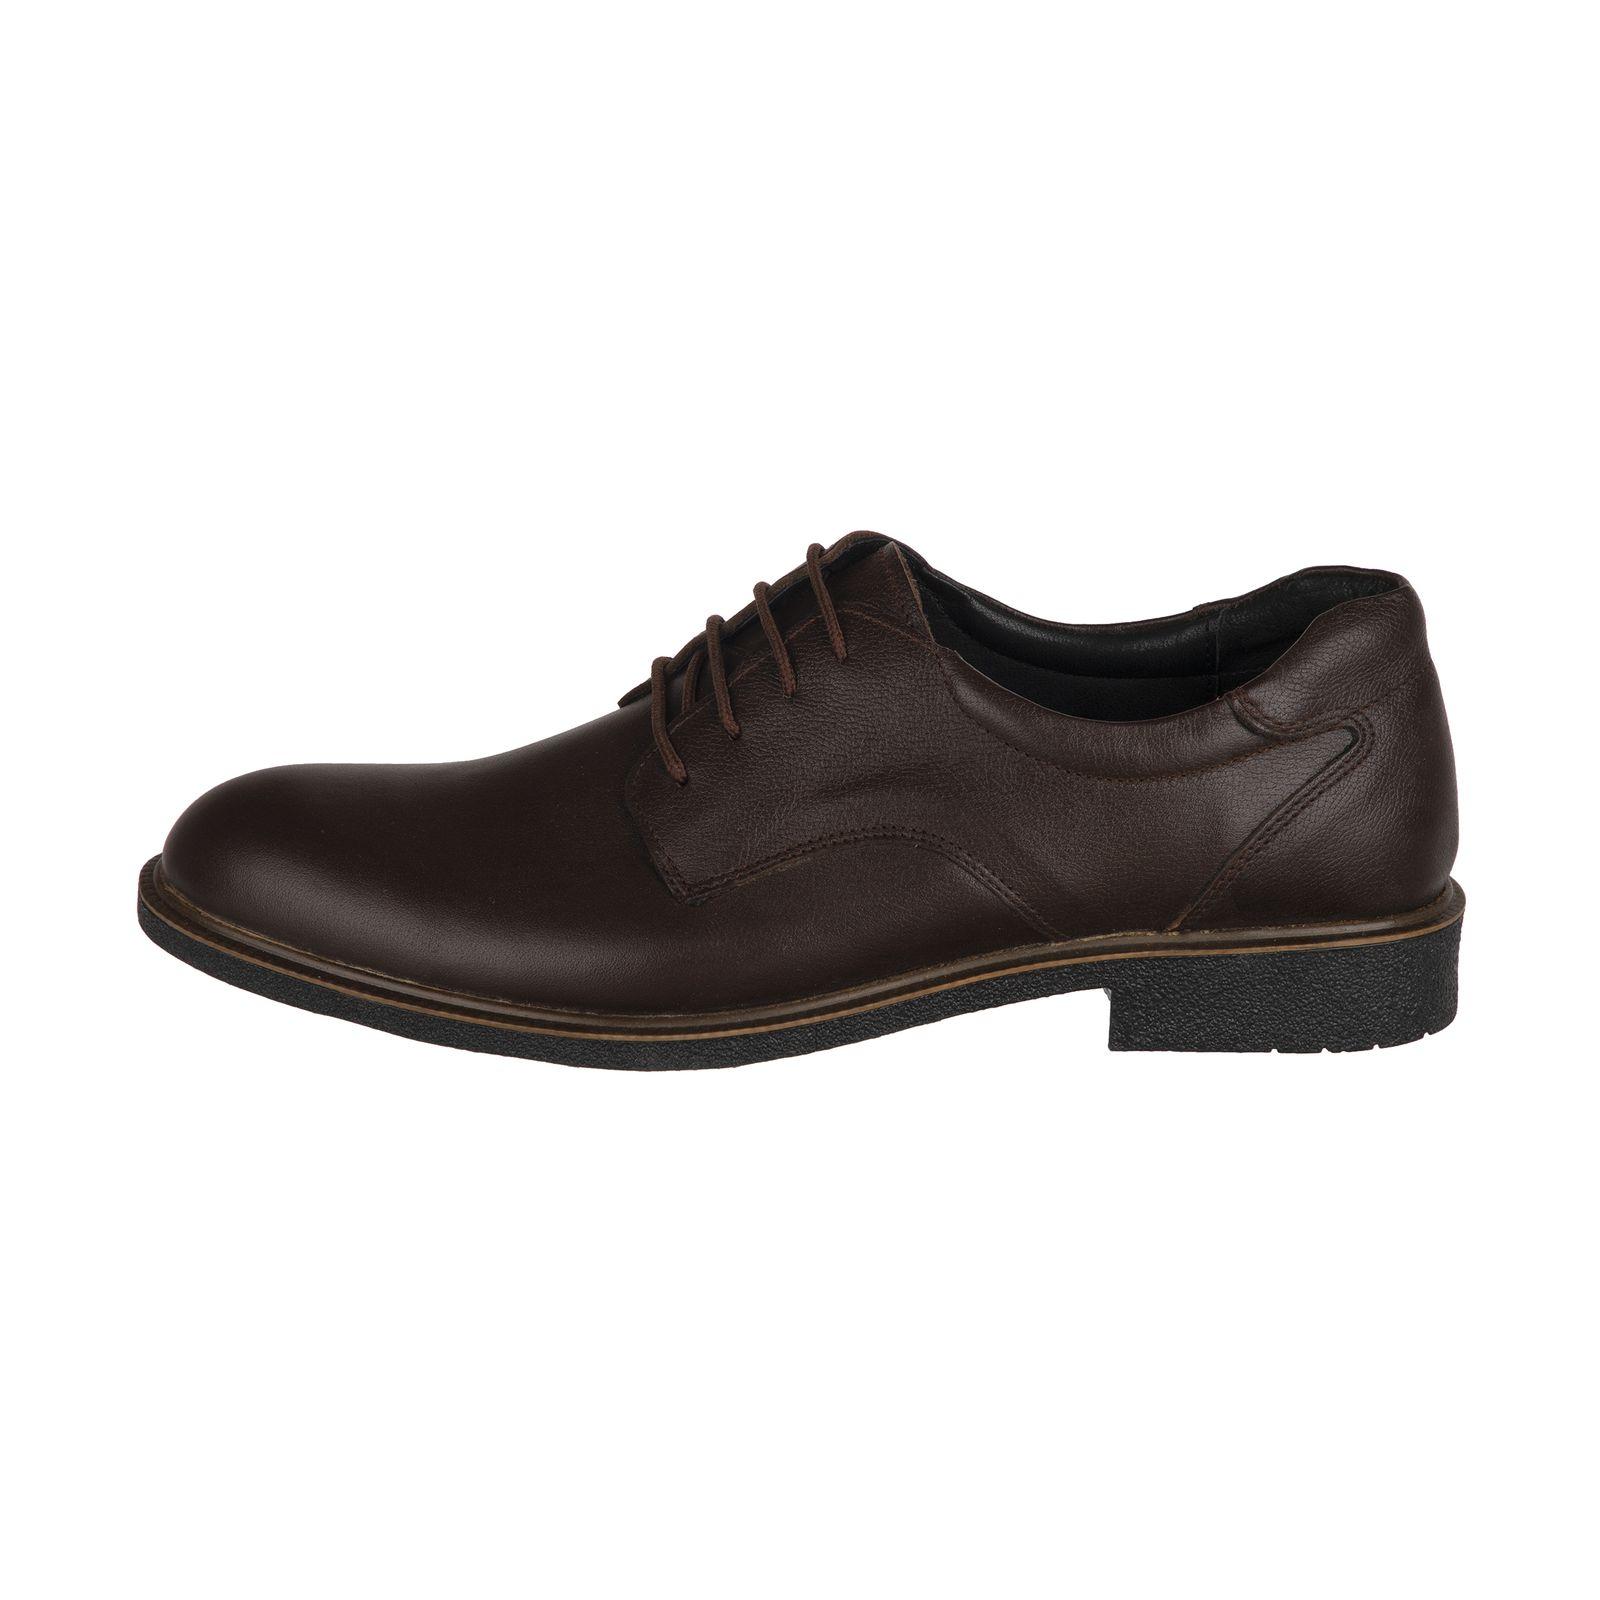 کفش مردانه سوته مدل 4870L503104 -  - 2